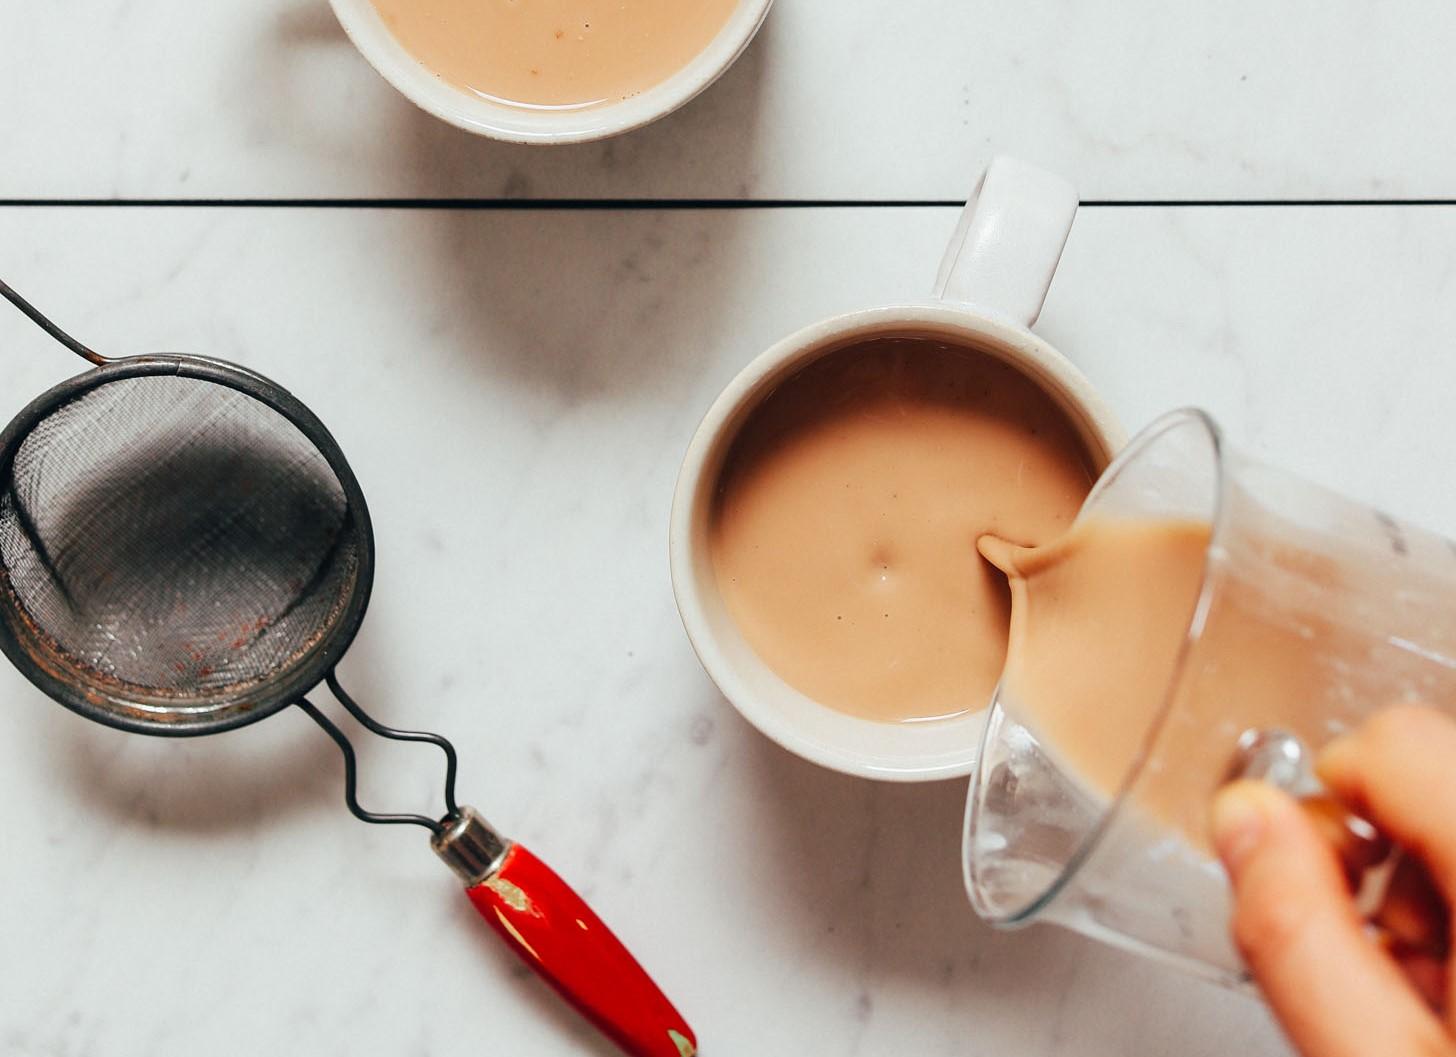 طرز تهیه با روش خانگی چای ماسالا